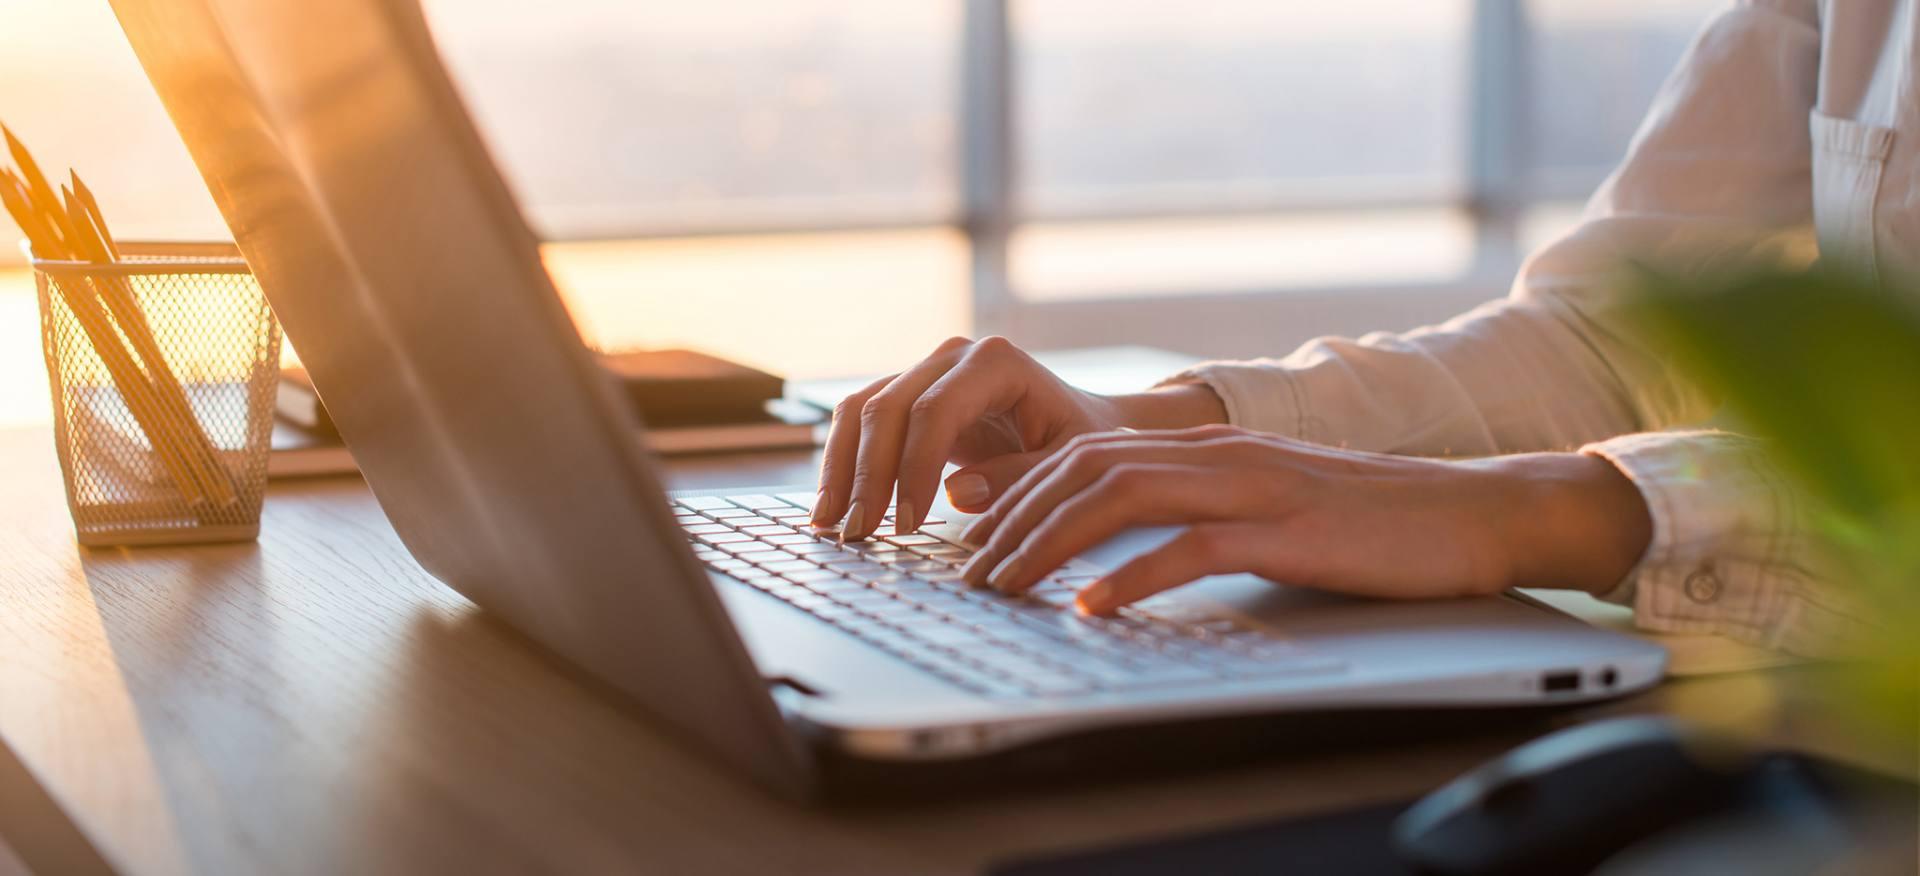 Kobieta wyszukuje na laptopie informacji o ubezpieczeniach